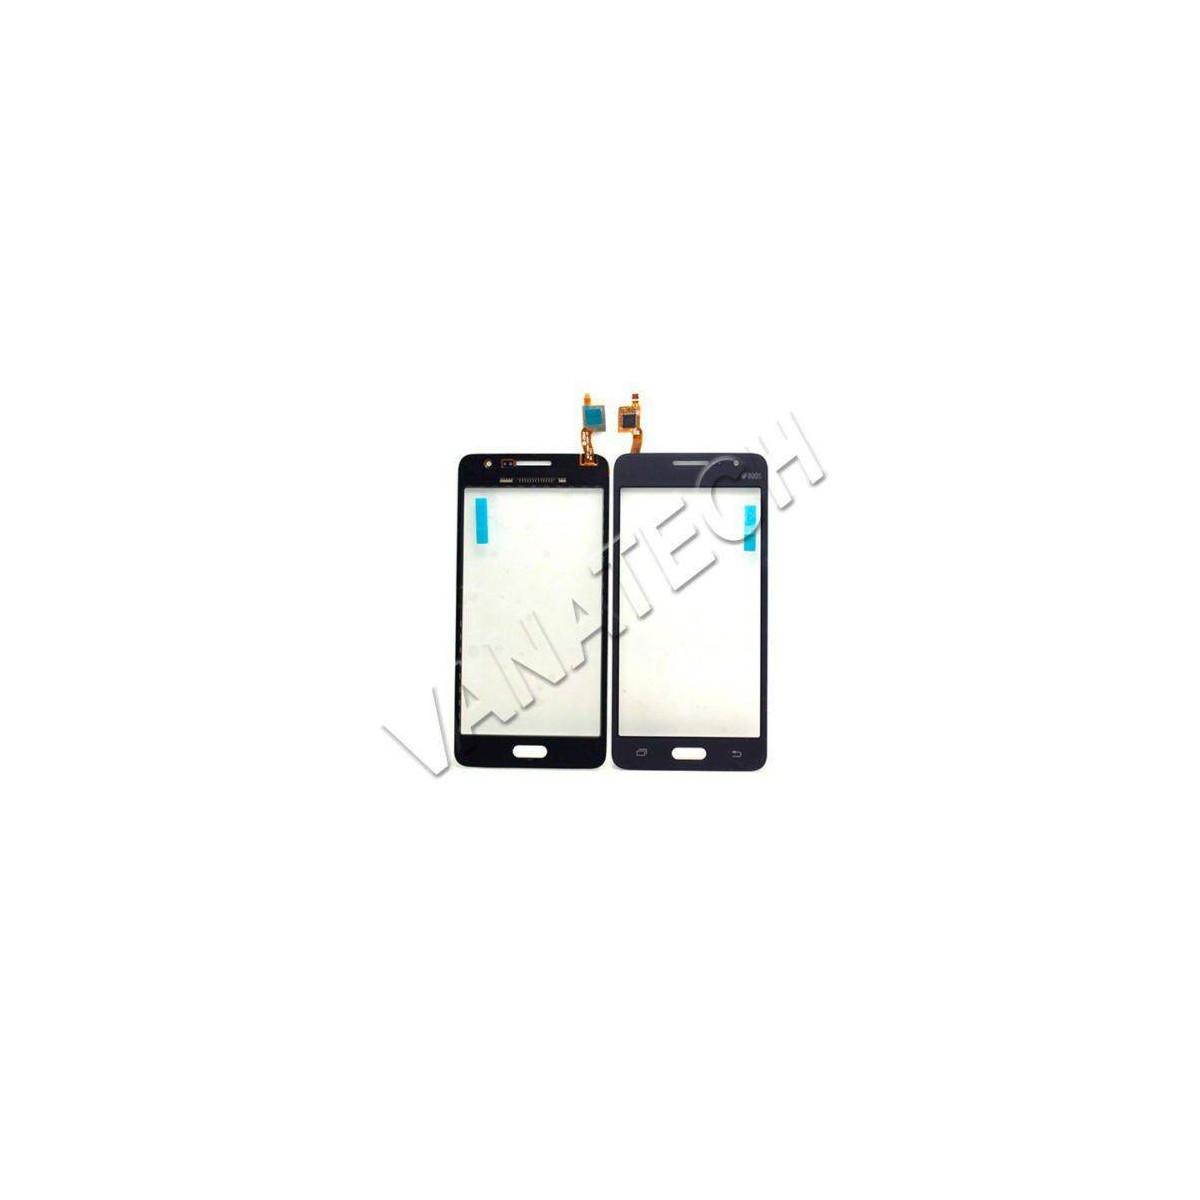 BATTERIA RICAMBIO PER APPLE IPHONE 6 6G 1810mAh 3,82V NUOVA